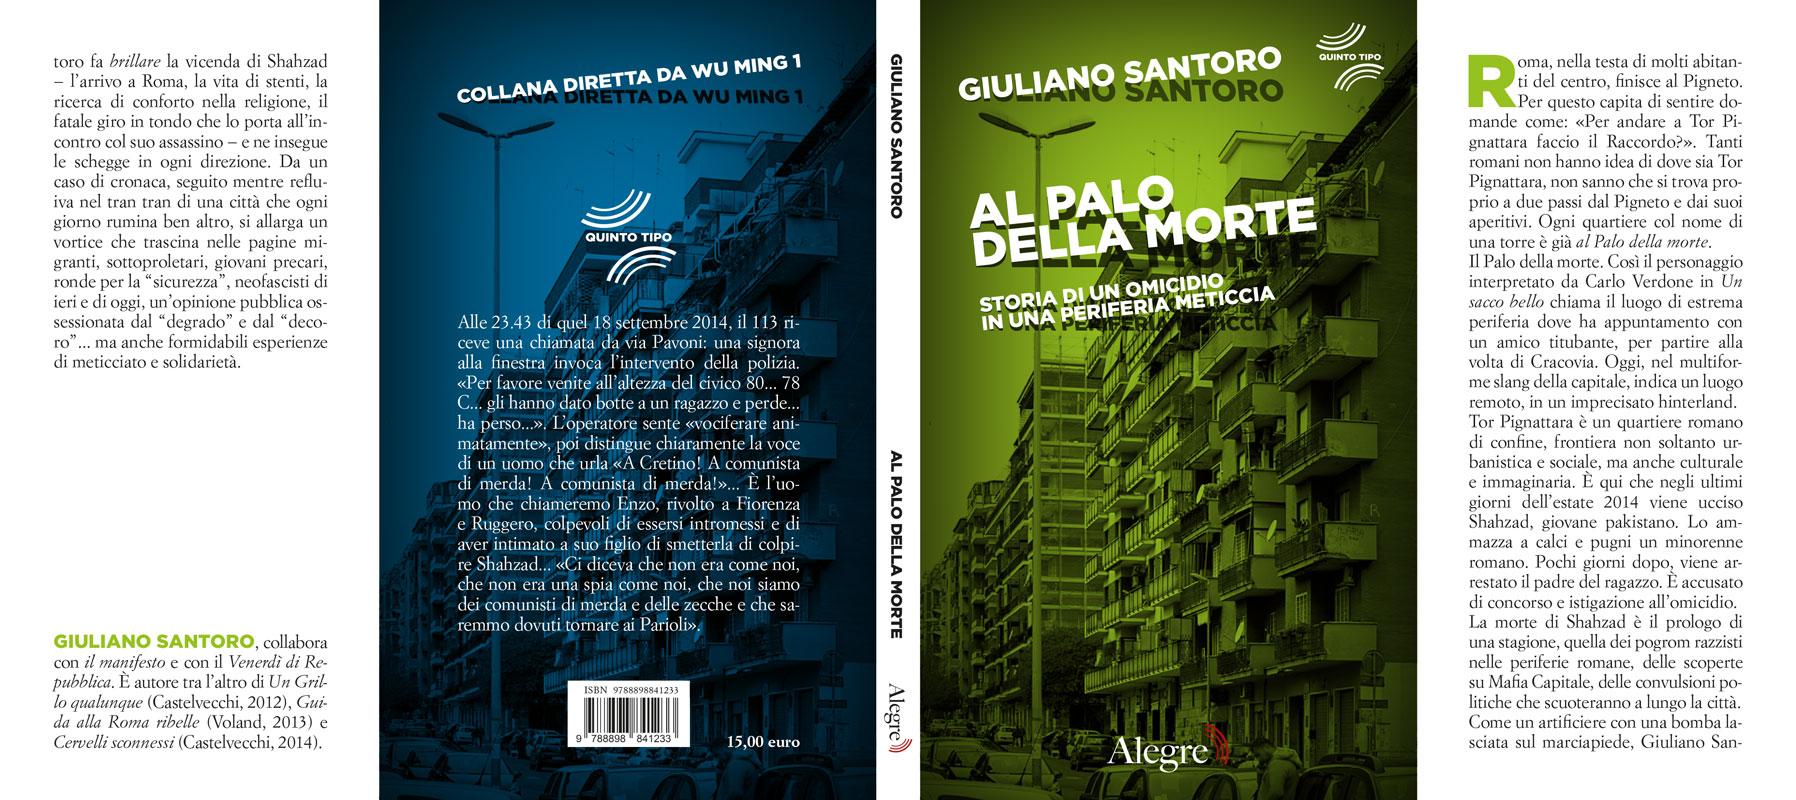 Giuliano Santoro, Al palo della morte, stesa